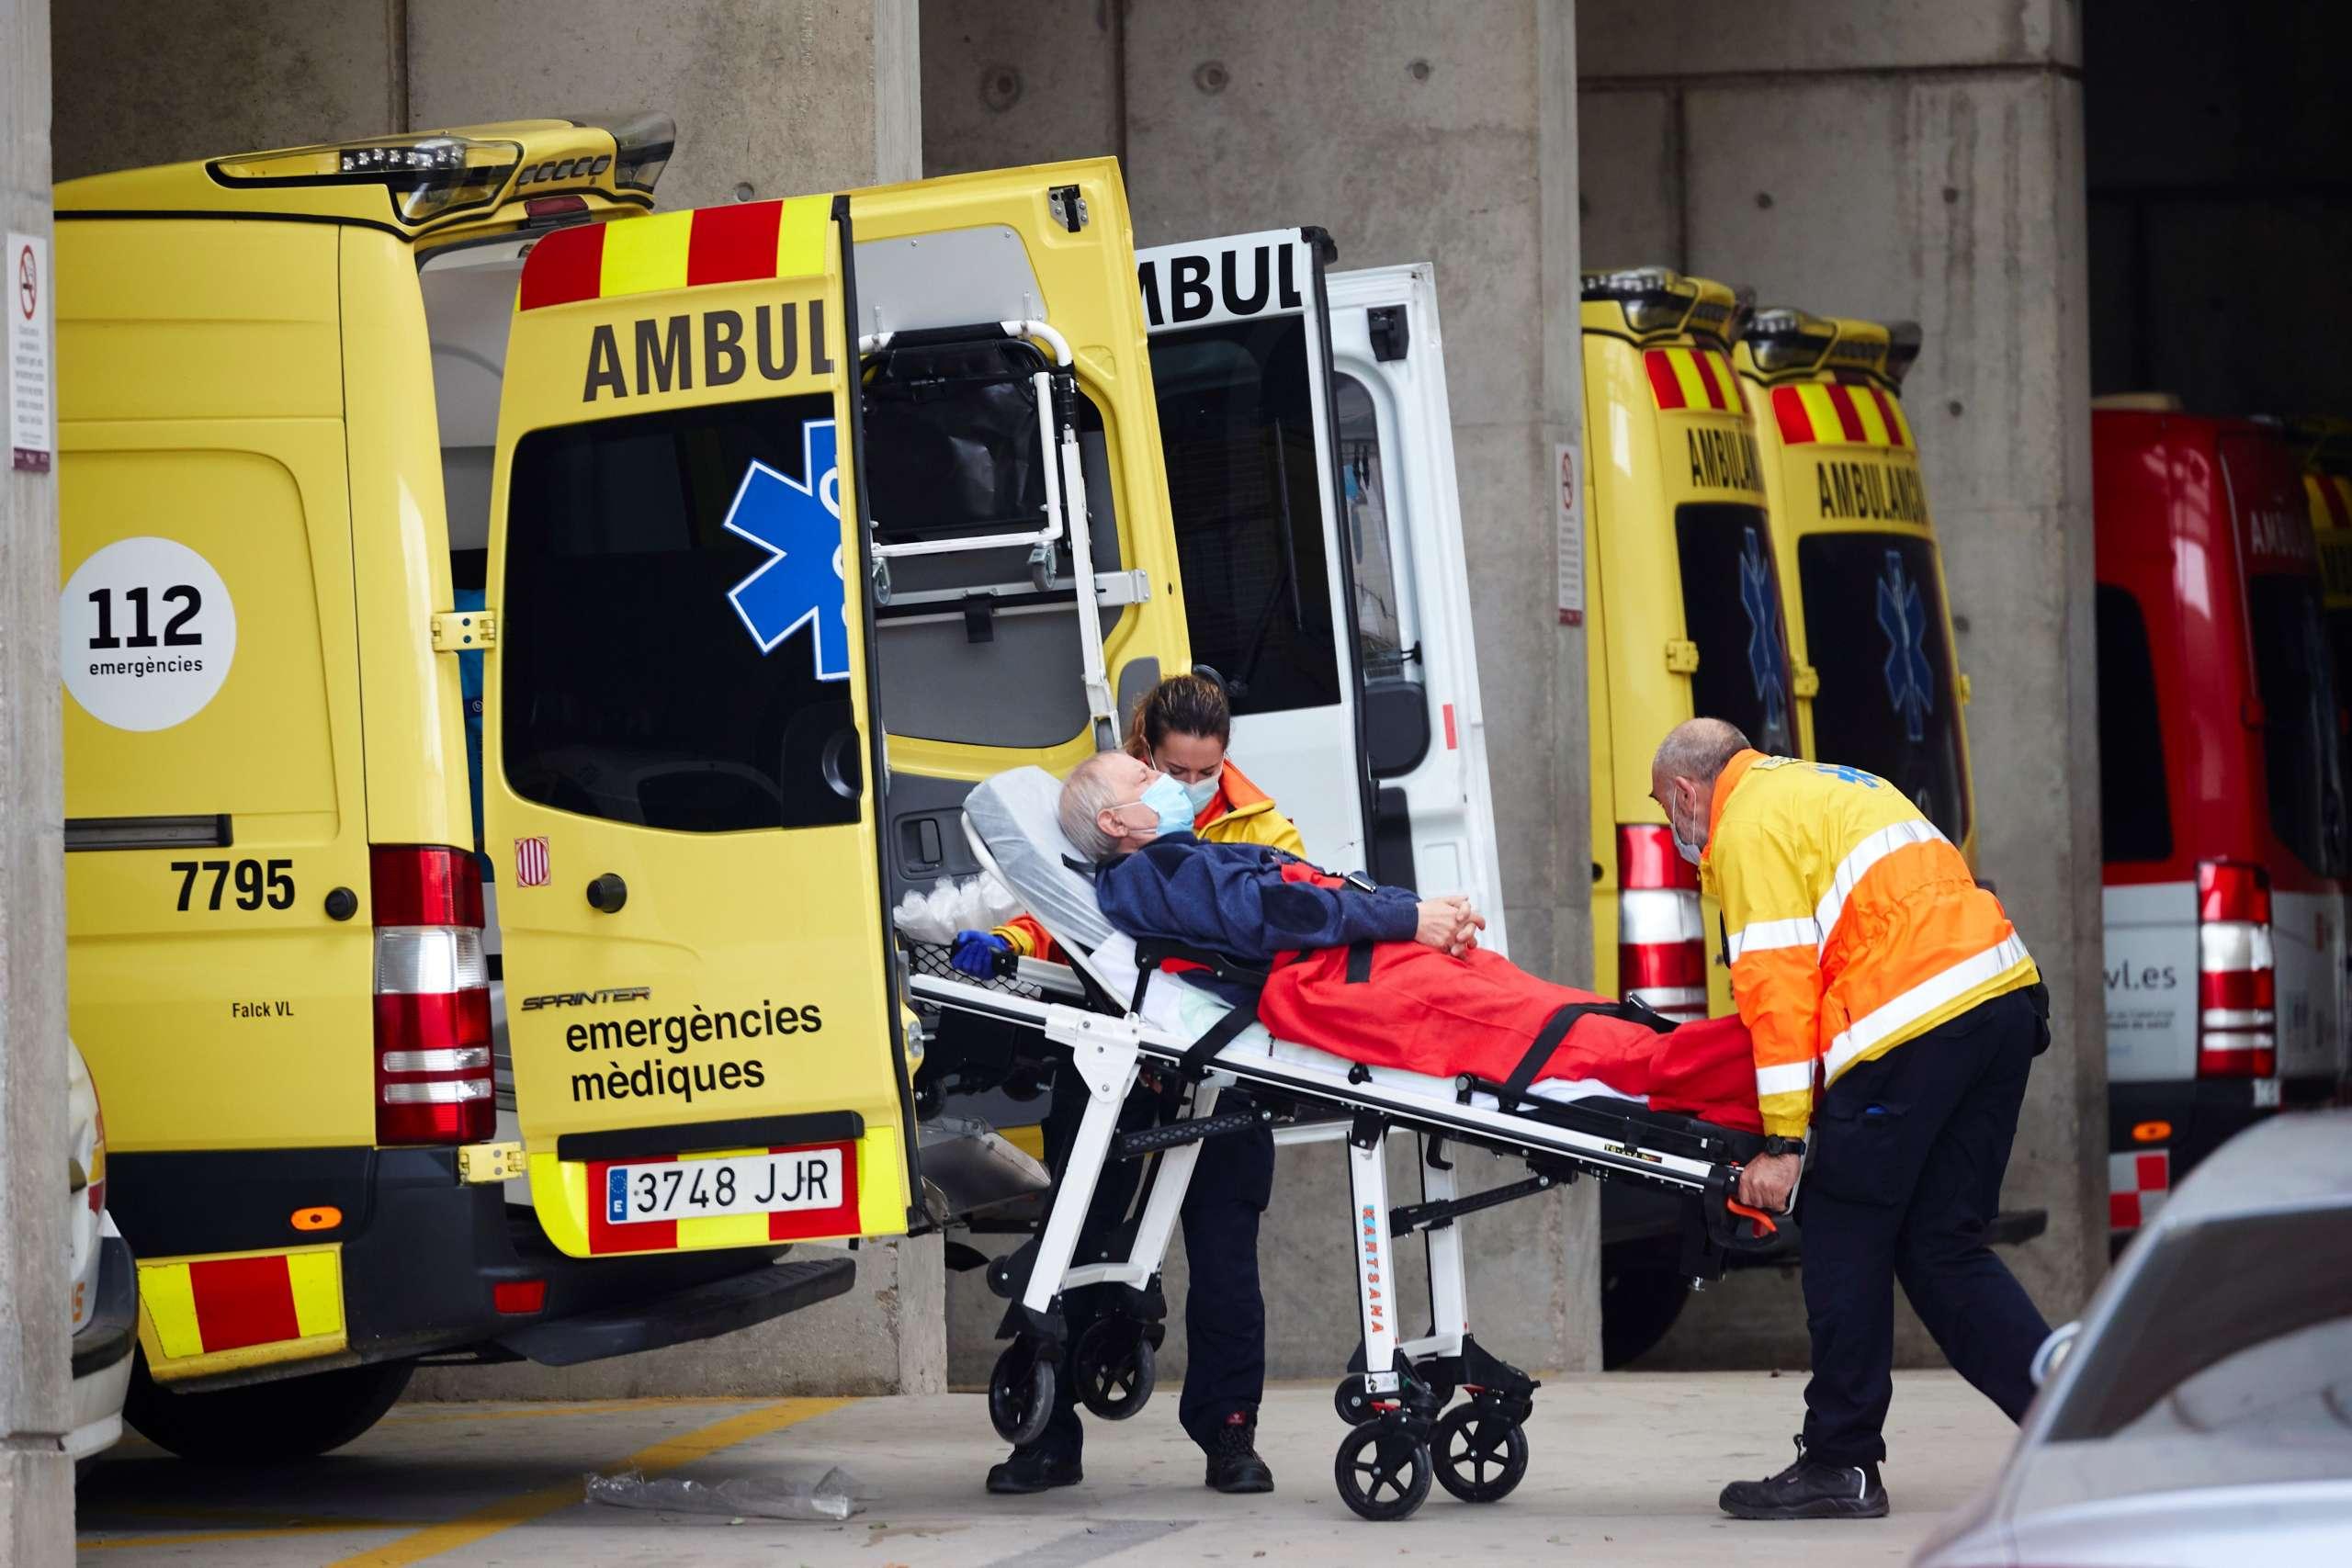 Sanidad notifica 40.285 nuevos contagios y 492 muertes mientras la incidencia alcanza los 899 casos